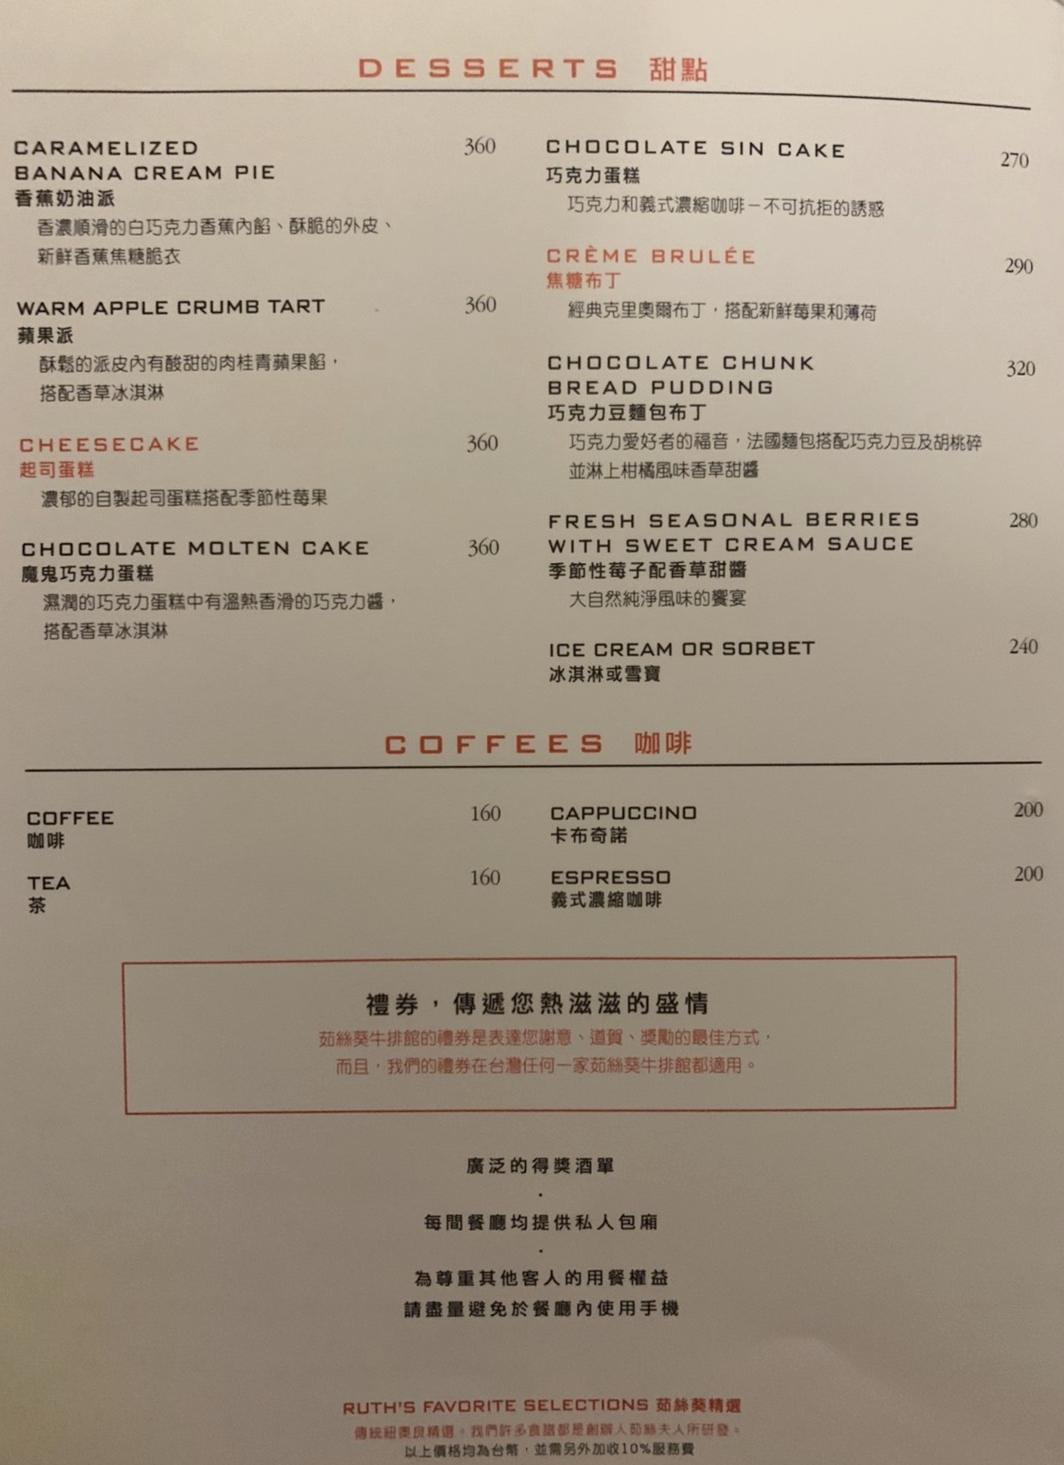 台中茹絲葵菜單